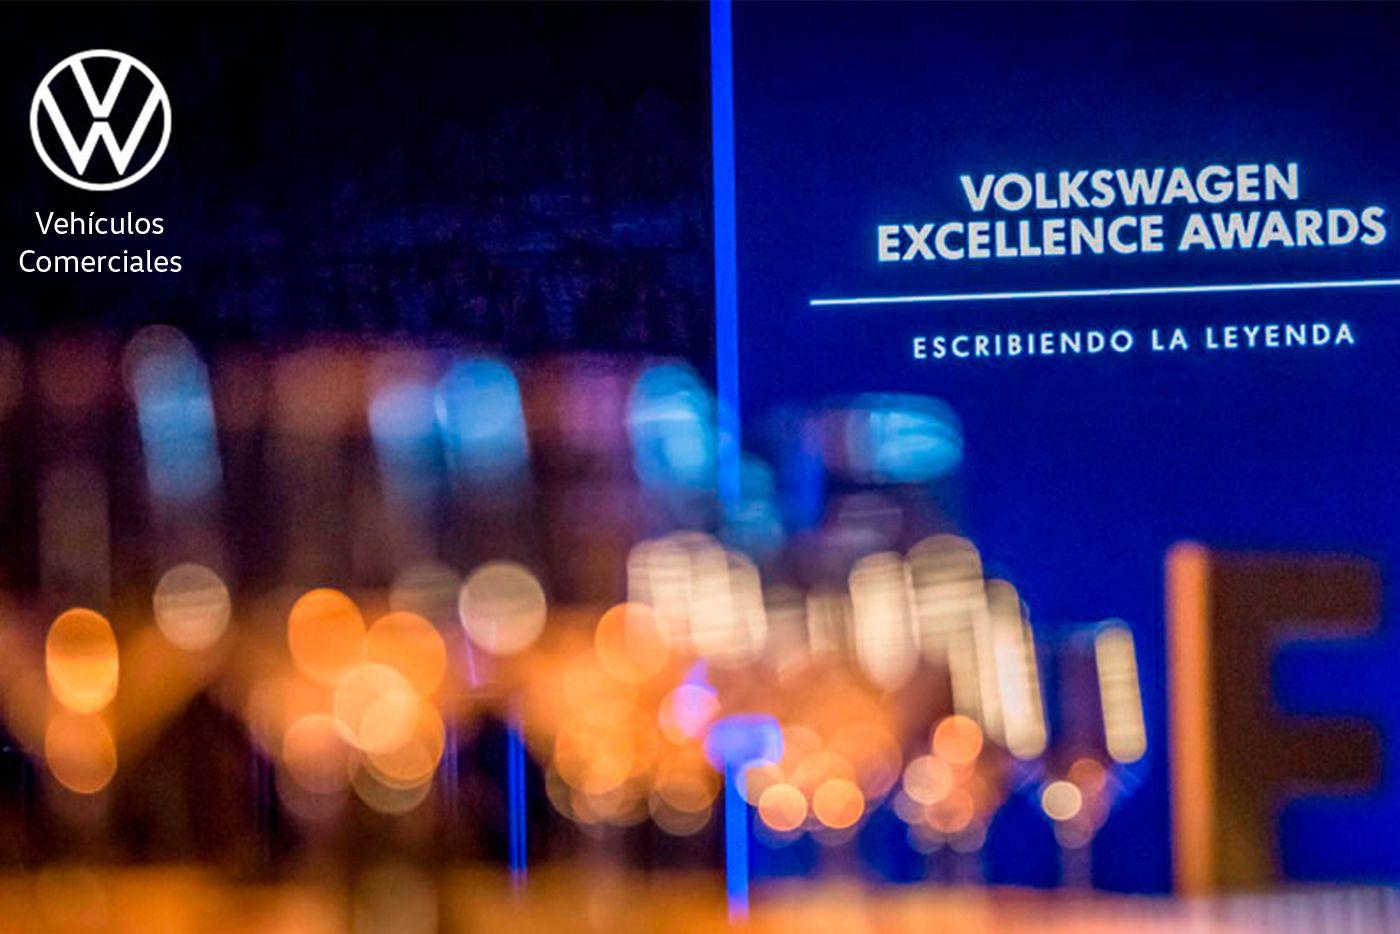 ¡Solera MotorVehículos Comerciales Volkswagen ha sido galardonado como Volkswagen Excellence Awards 2019!